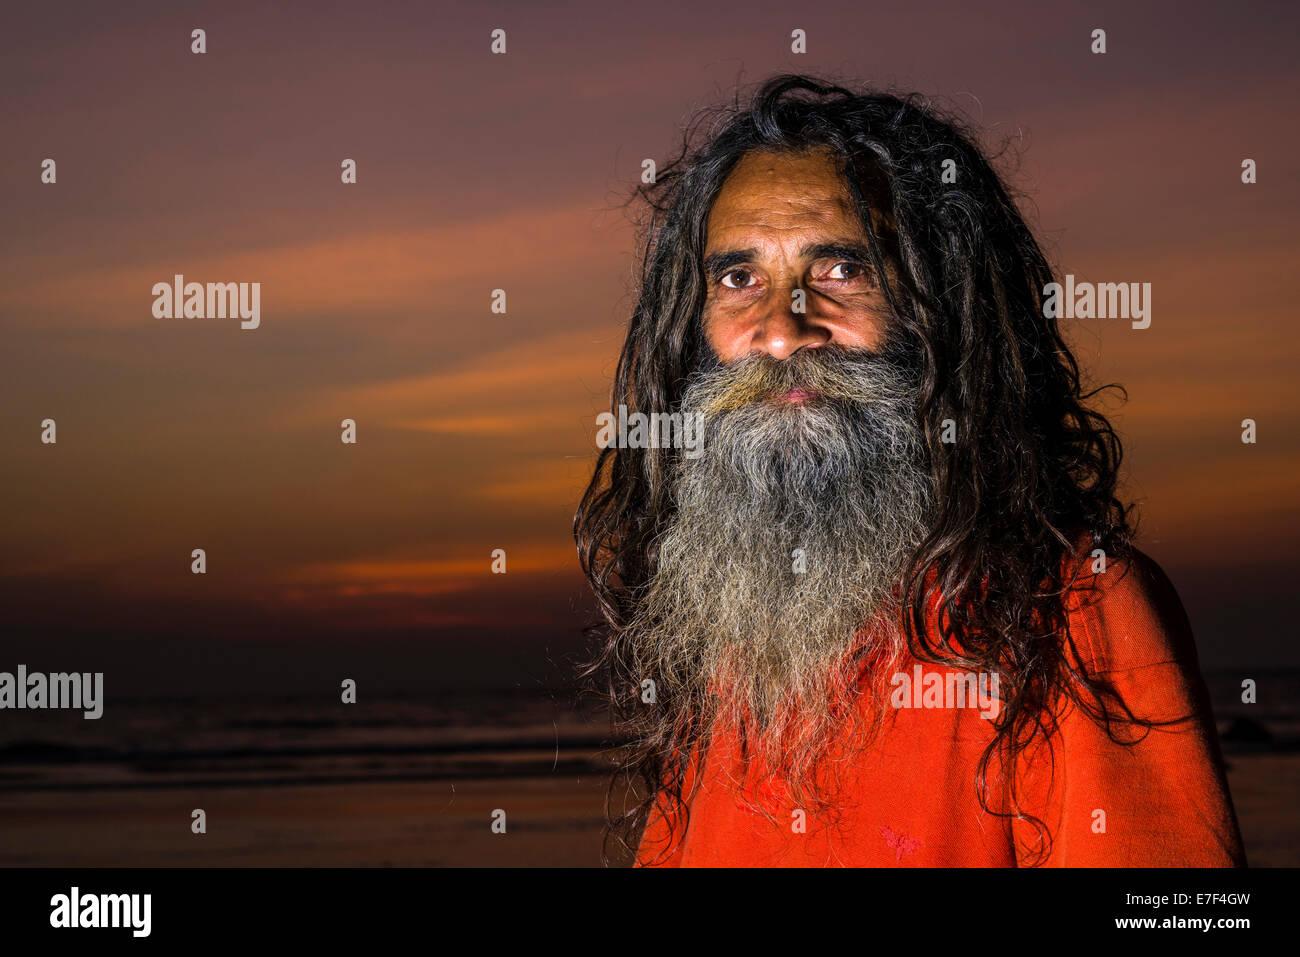 Sadhu, Holy Man, portrait, at sunset, Kudle Beach, Gokarna, Karnataka, India - Stock Image